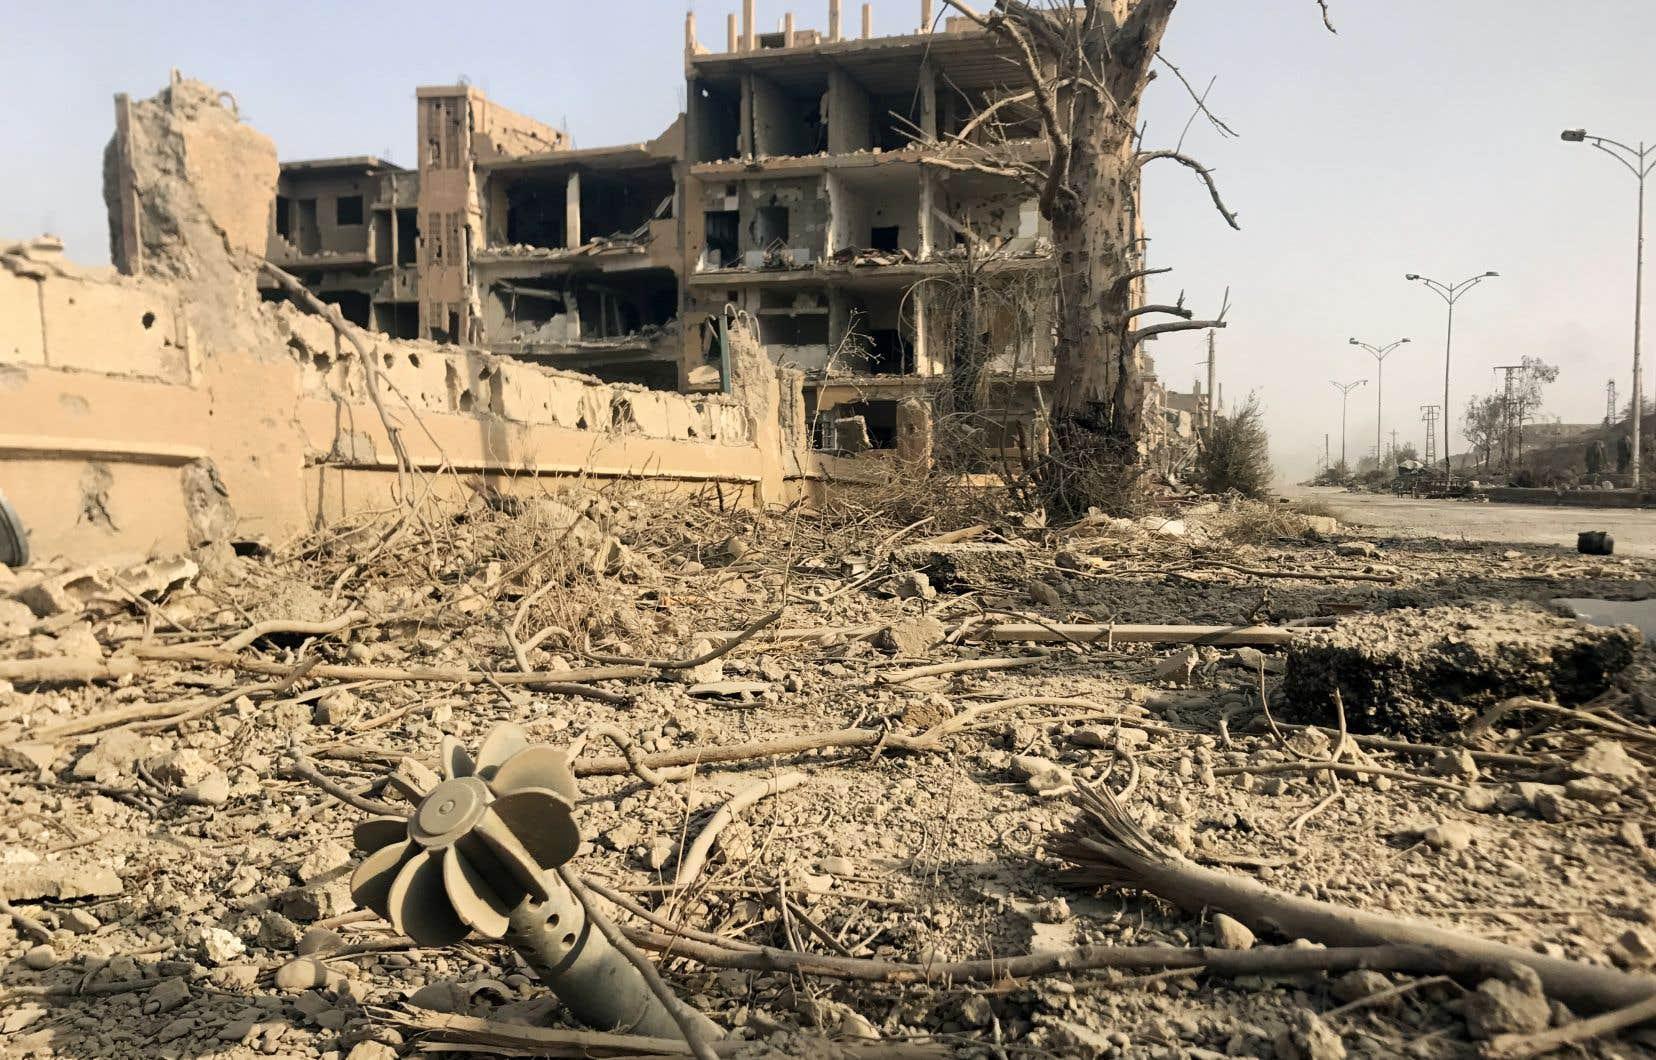 Début novembre, le groupe EI avait perdu la ville de Deir Ezzor, chef-lieu de la province du même nom et dernière grande ville sous son contrôle en Syrie.